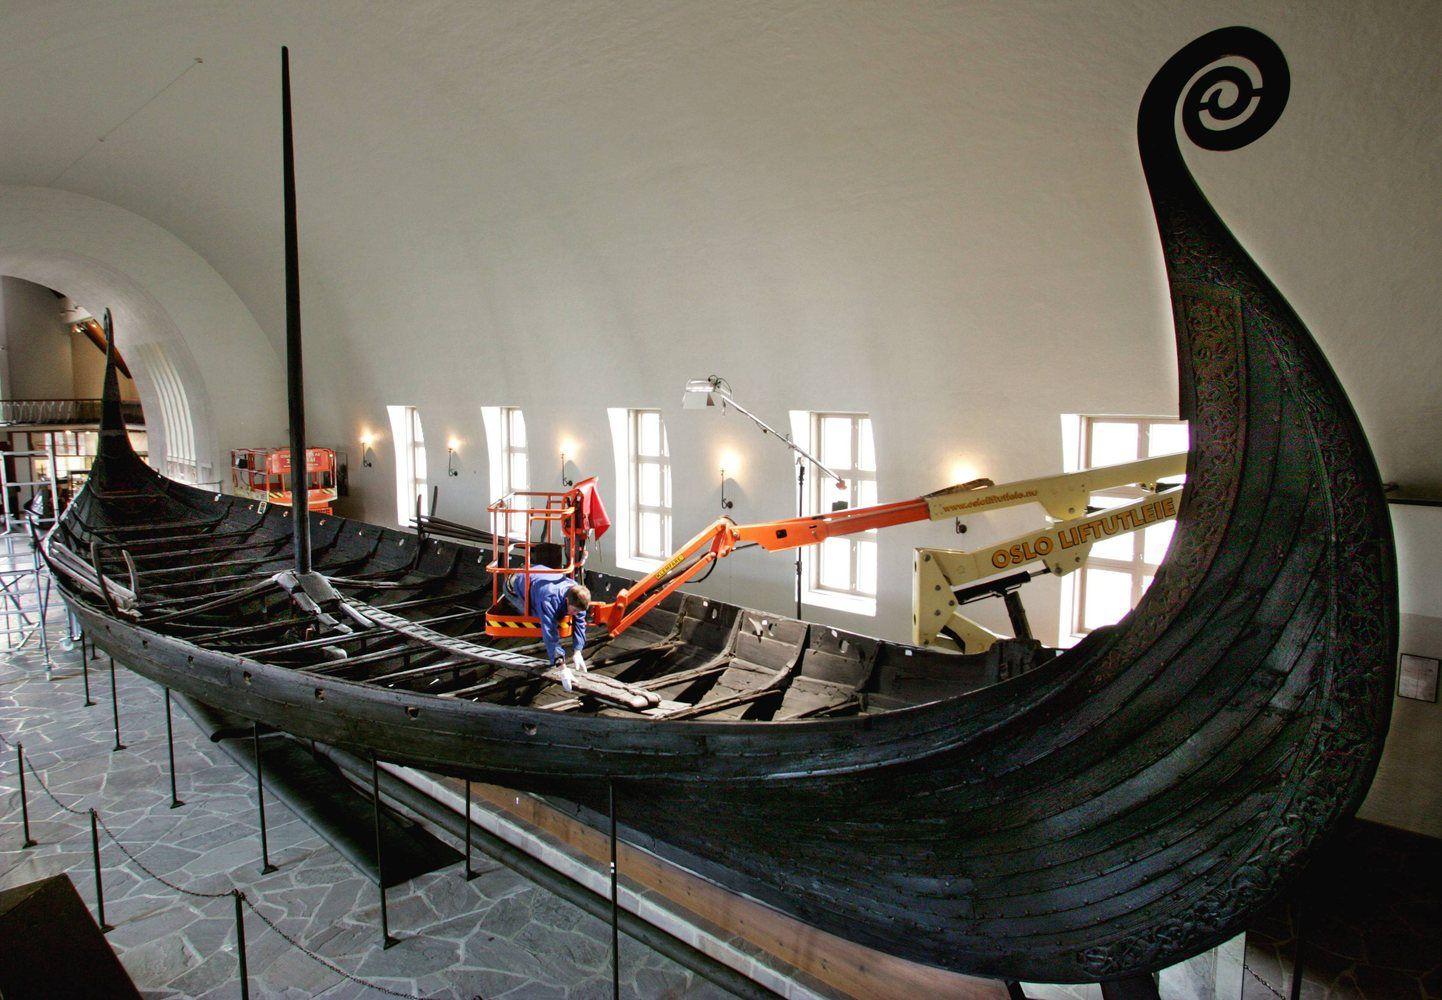 Iliustruotoji istorija: nauja teorija apie vikingus